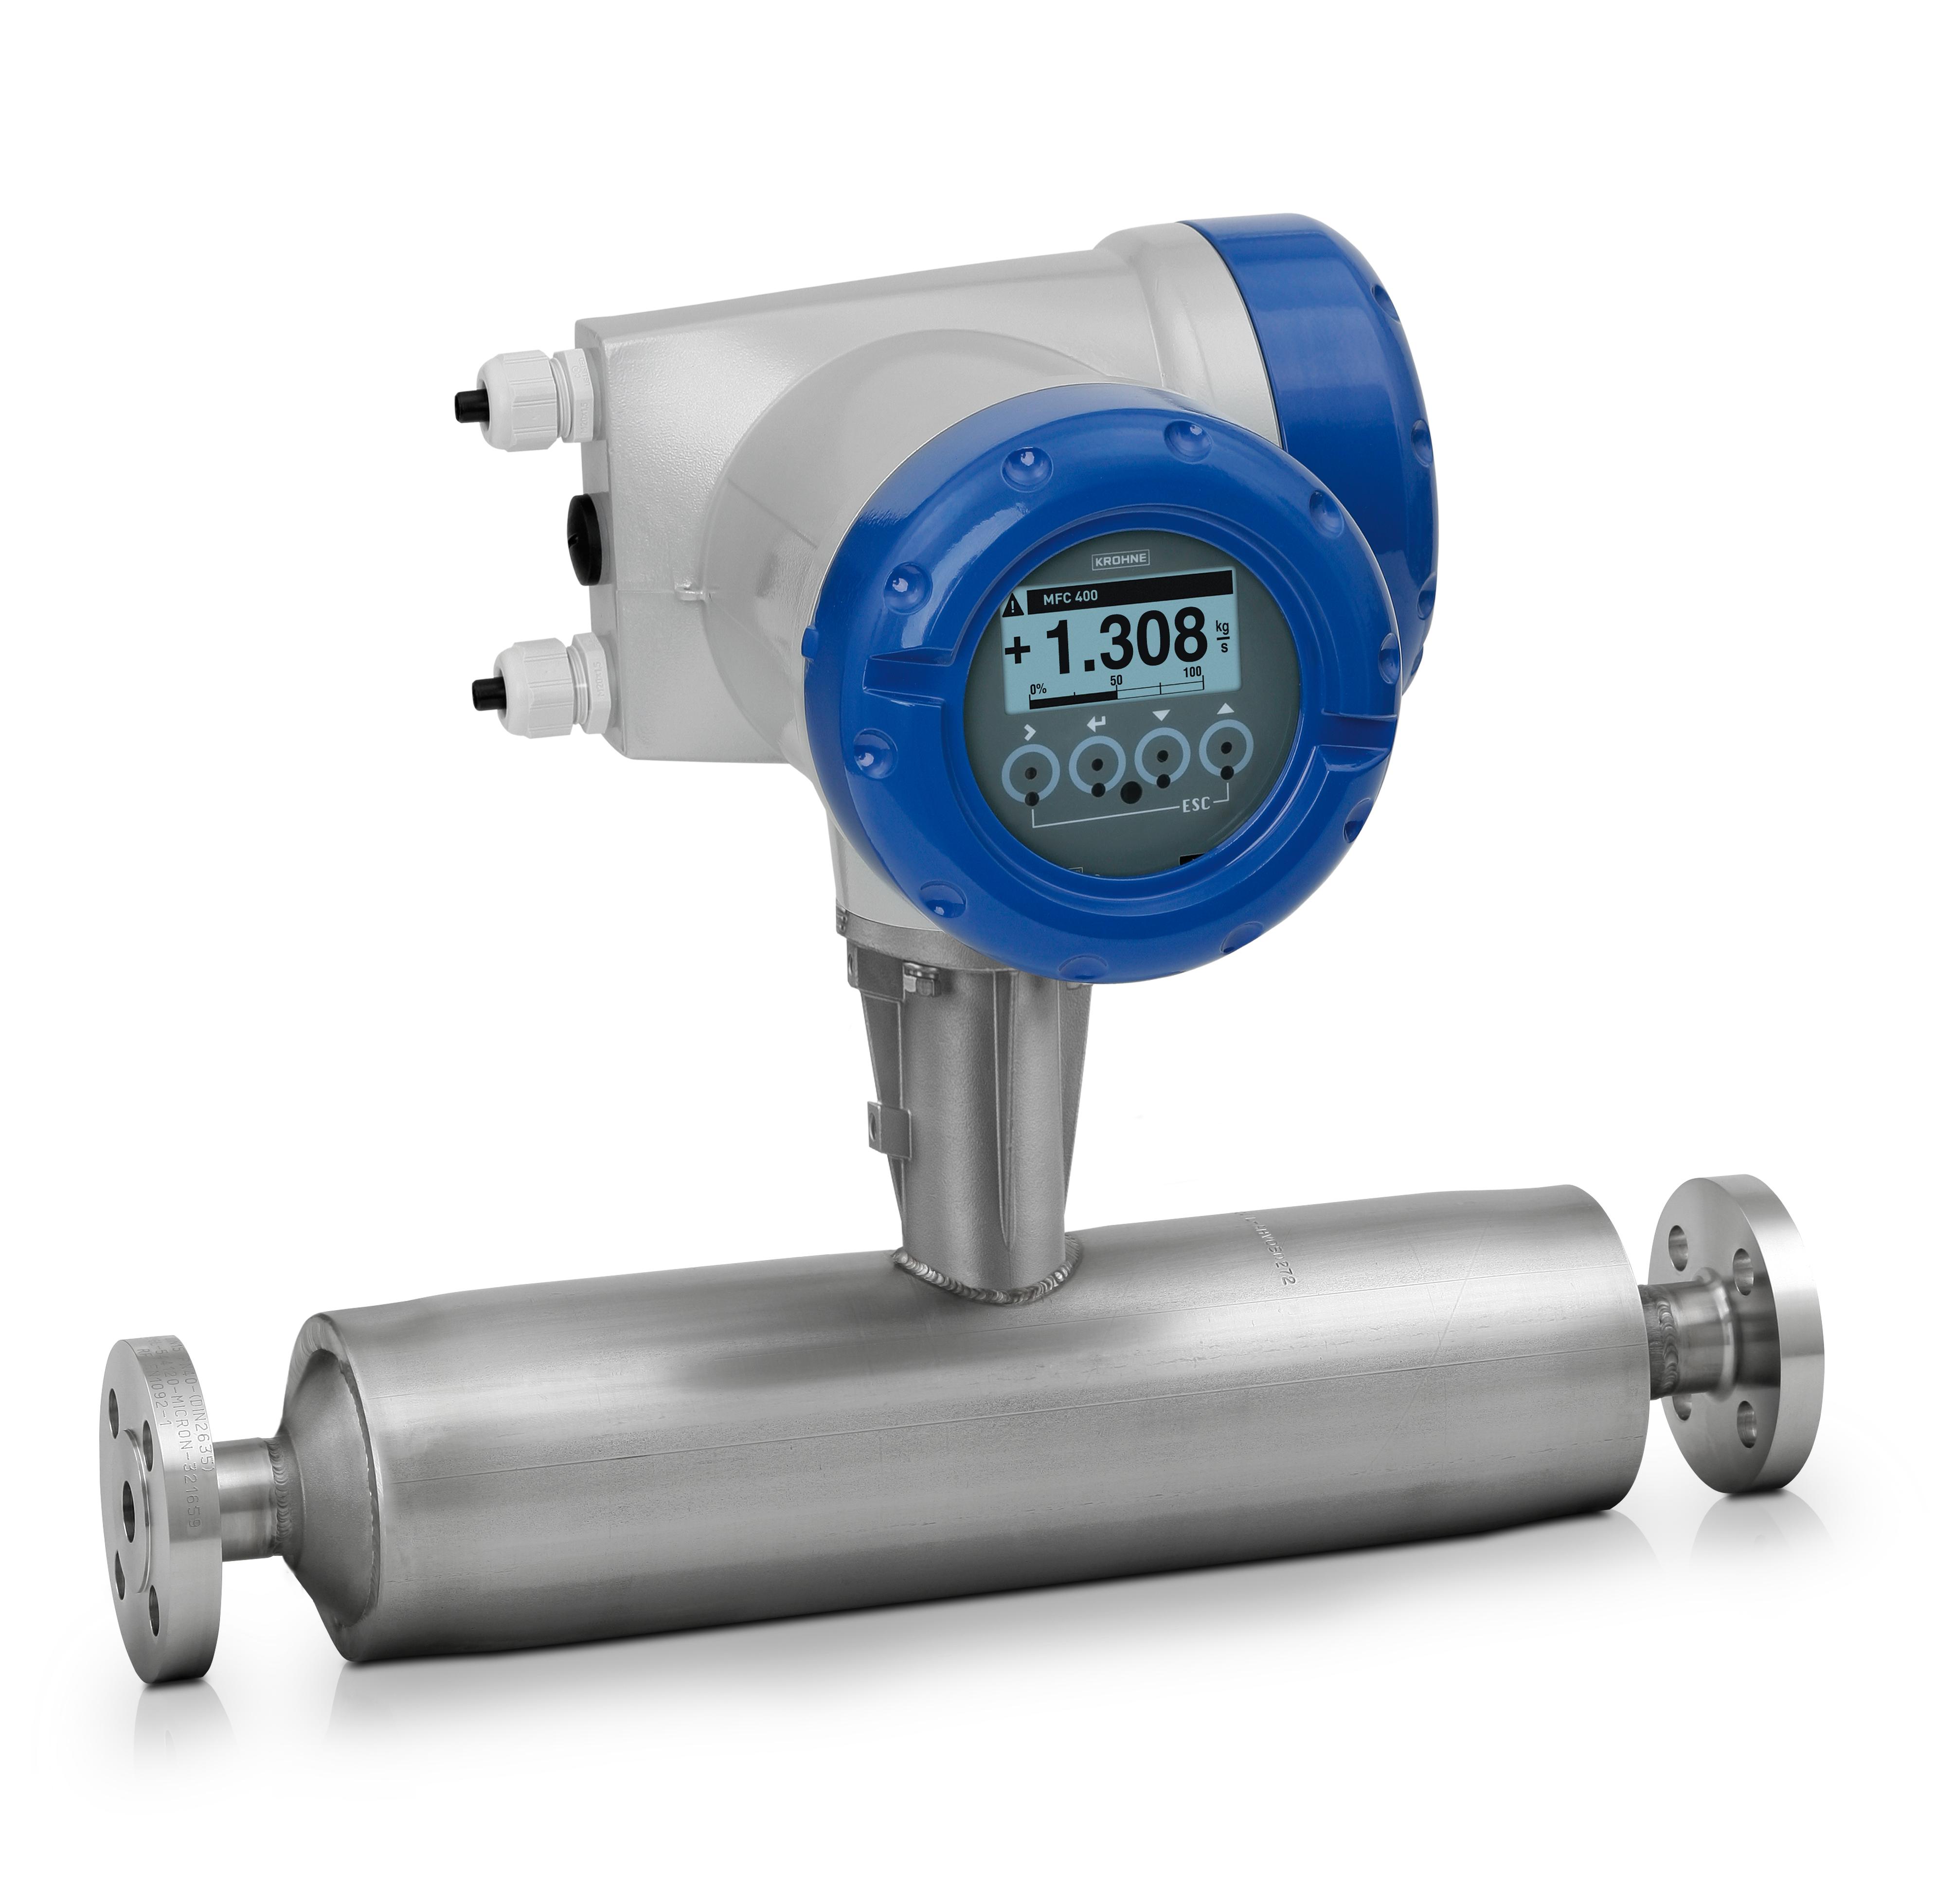 Aller à Nouveau débitmètre massique OPTIMASS 1400 - La gestion bi-phasique sur bi-tubes droits